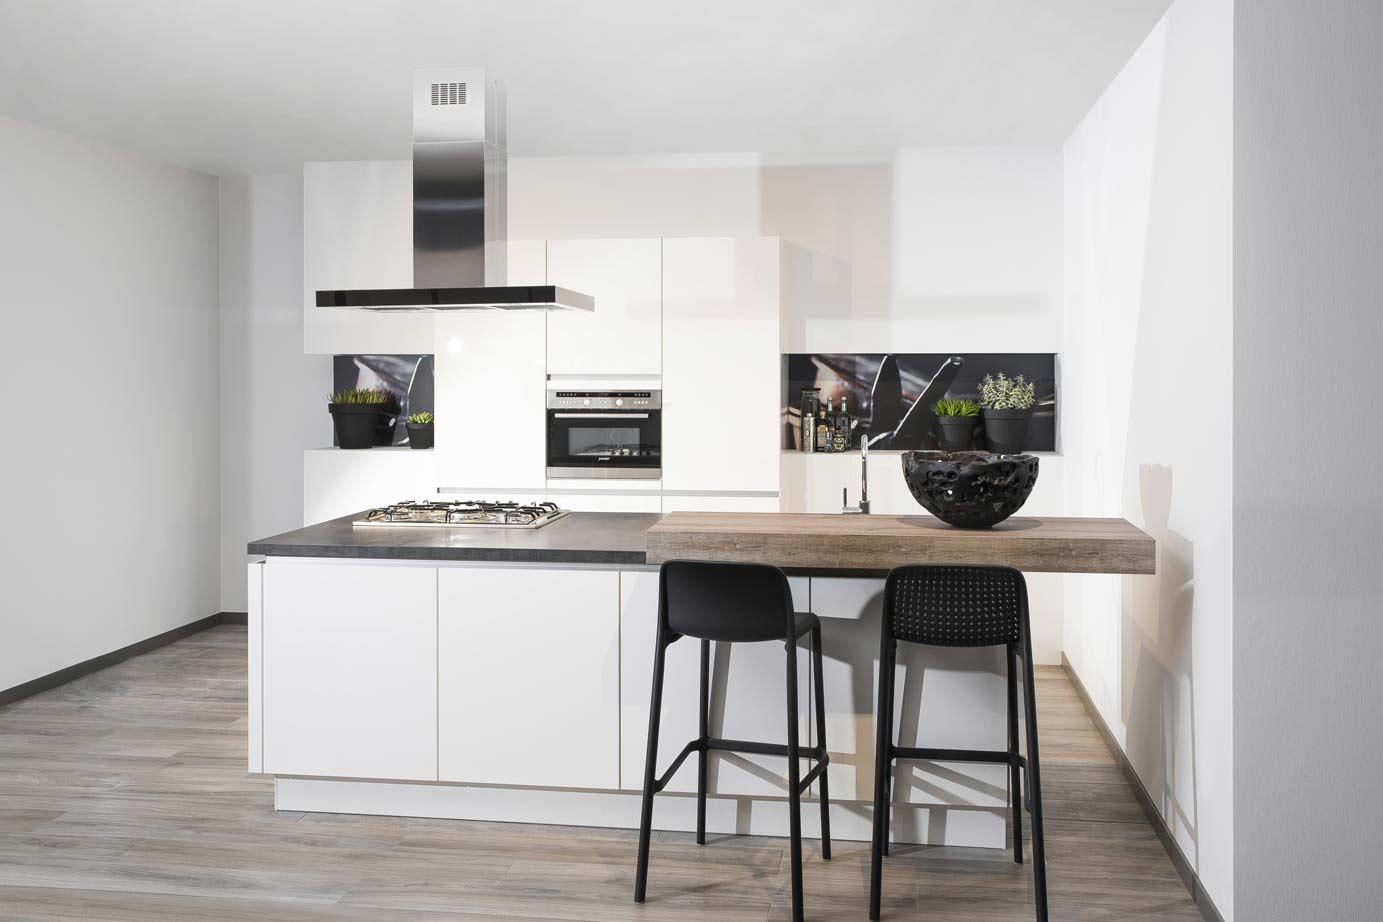 Ervaring Zelf Keuken Maken : U wilt een keuken met eiland? Veel keus, lage nettoprijzen